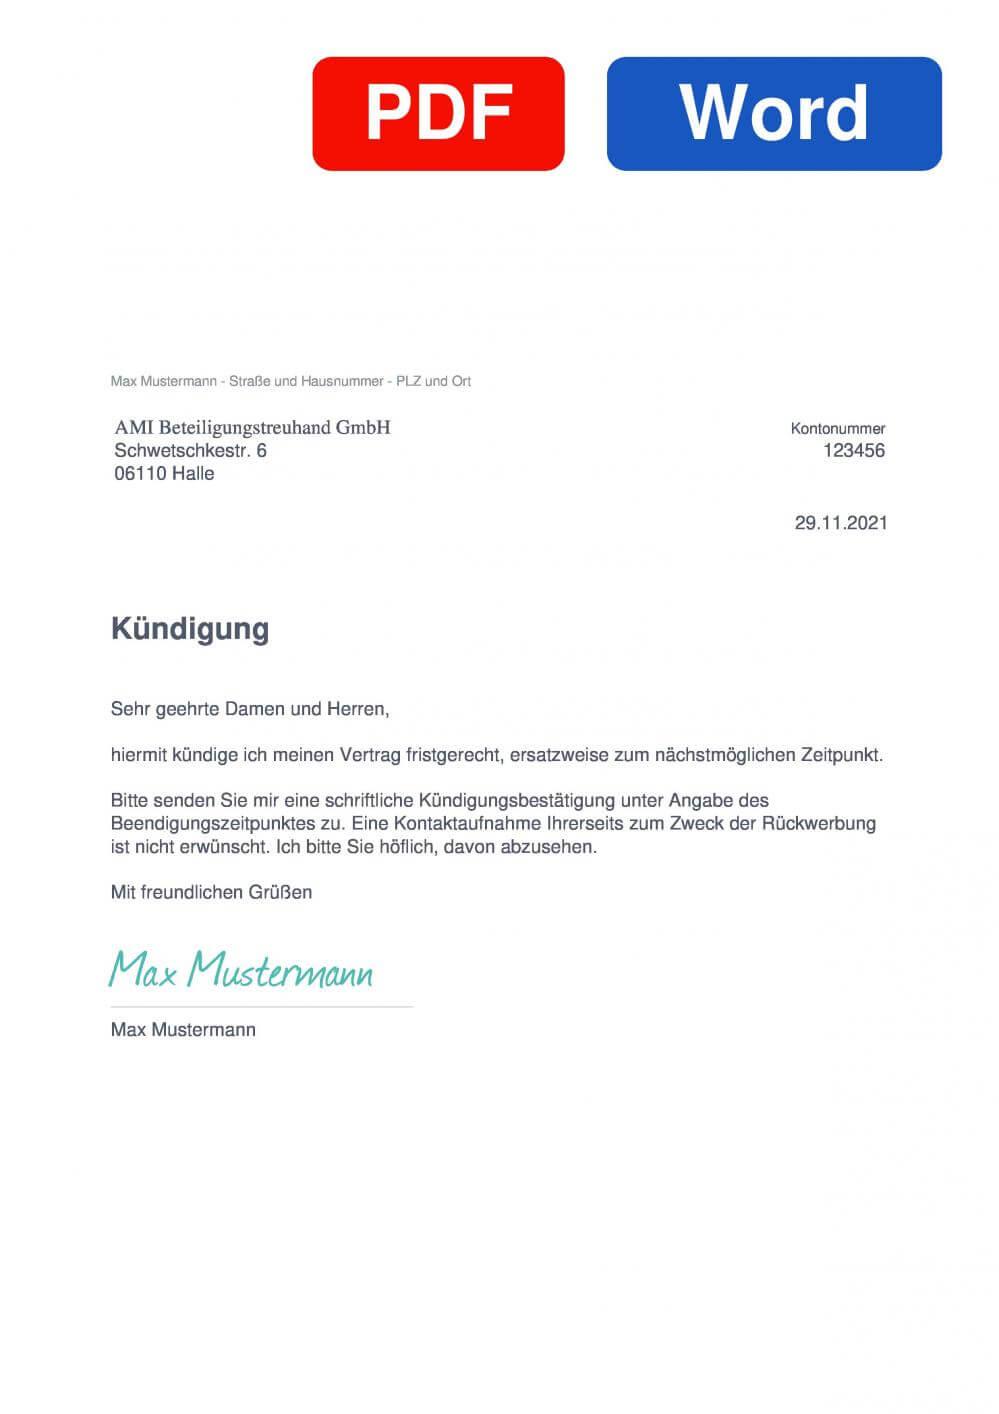 AMI Beteiligungstreuhand GmbH Muster Vorlage für Kündigungsschreiben